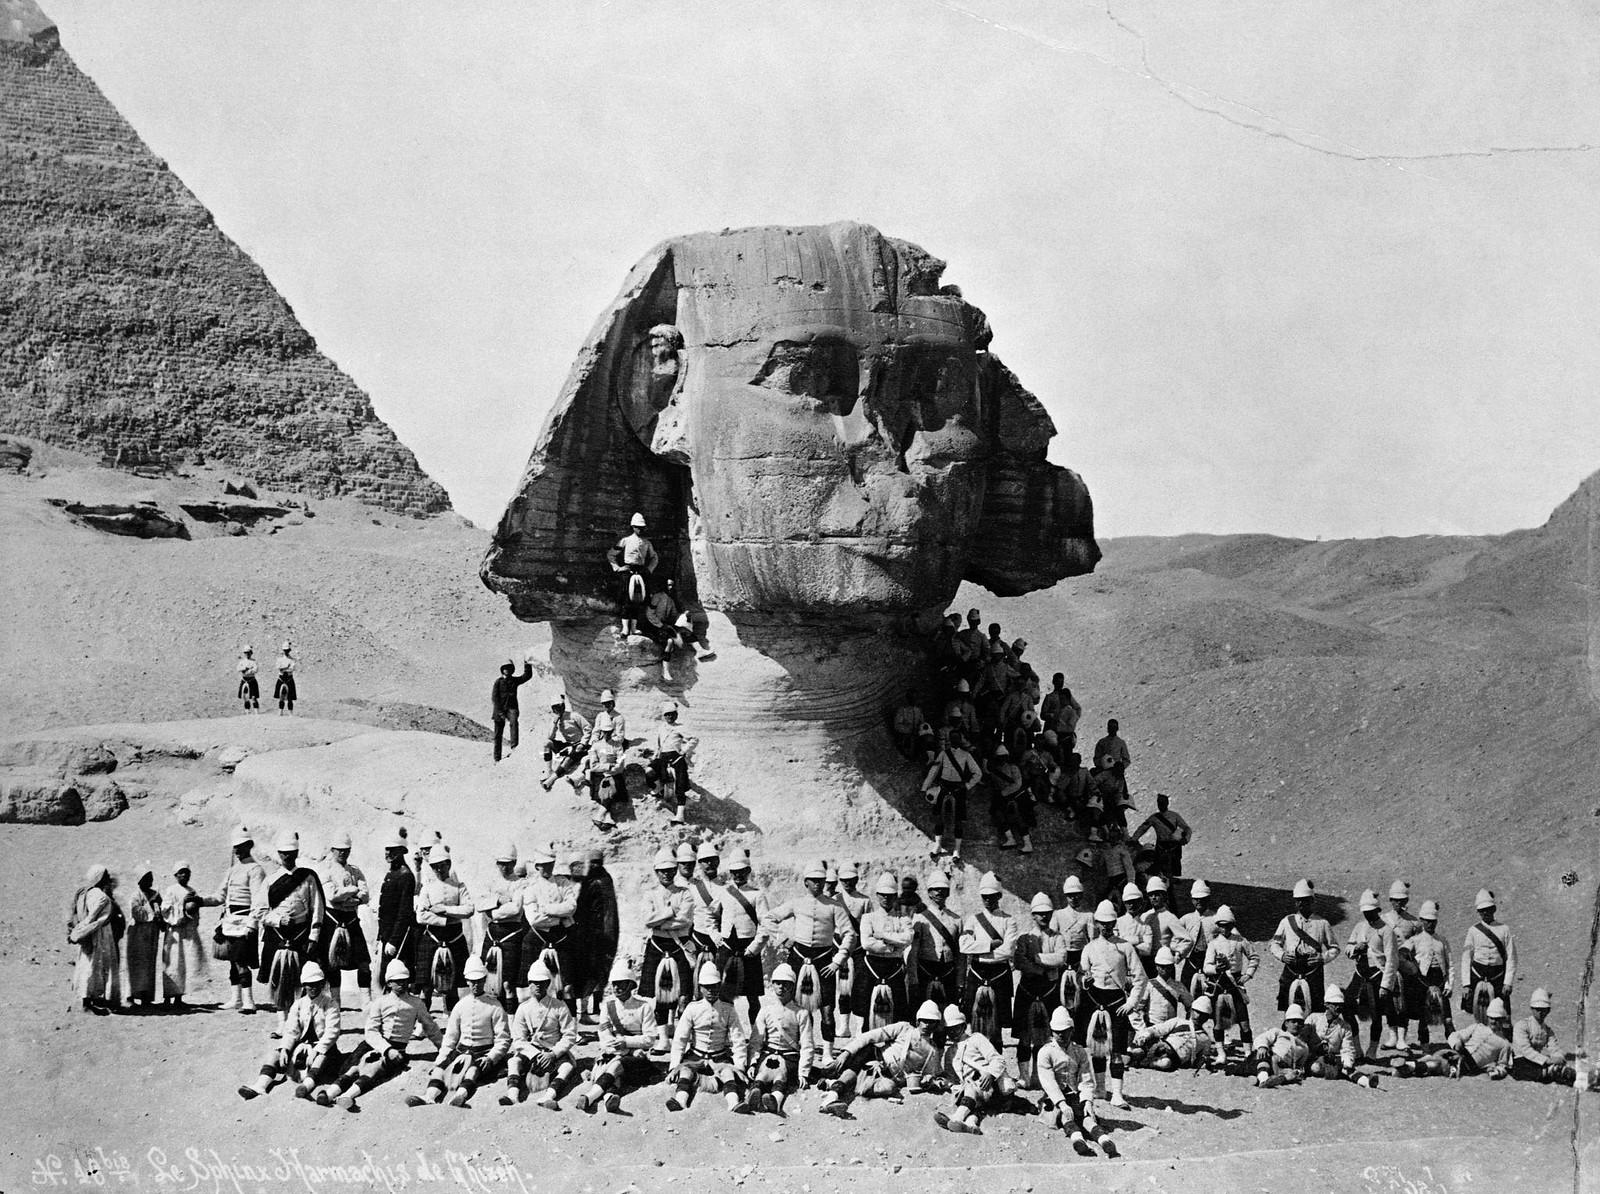 16. Члены британских войск собираются вокруг Великого Сфинкса в Гизе после победы в битве при Тель-Эль-Кебире